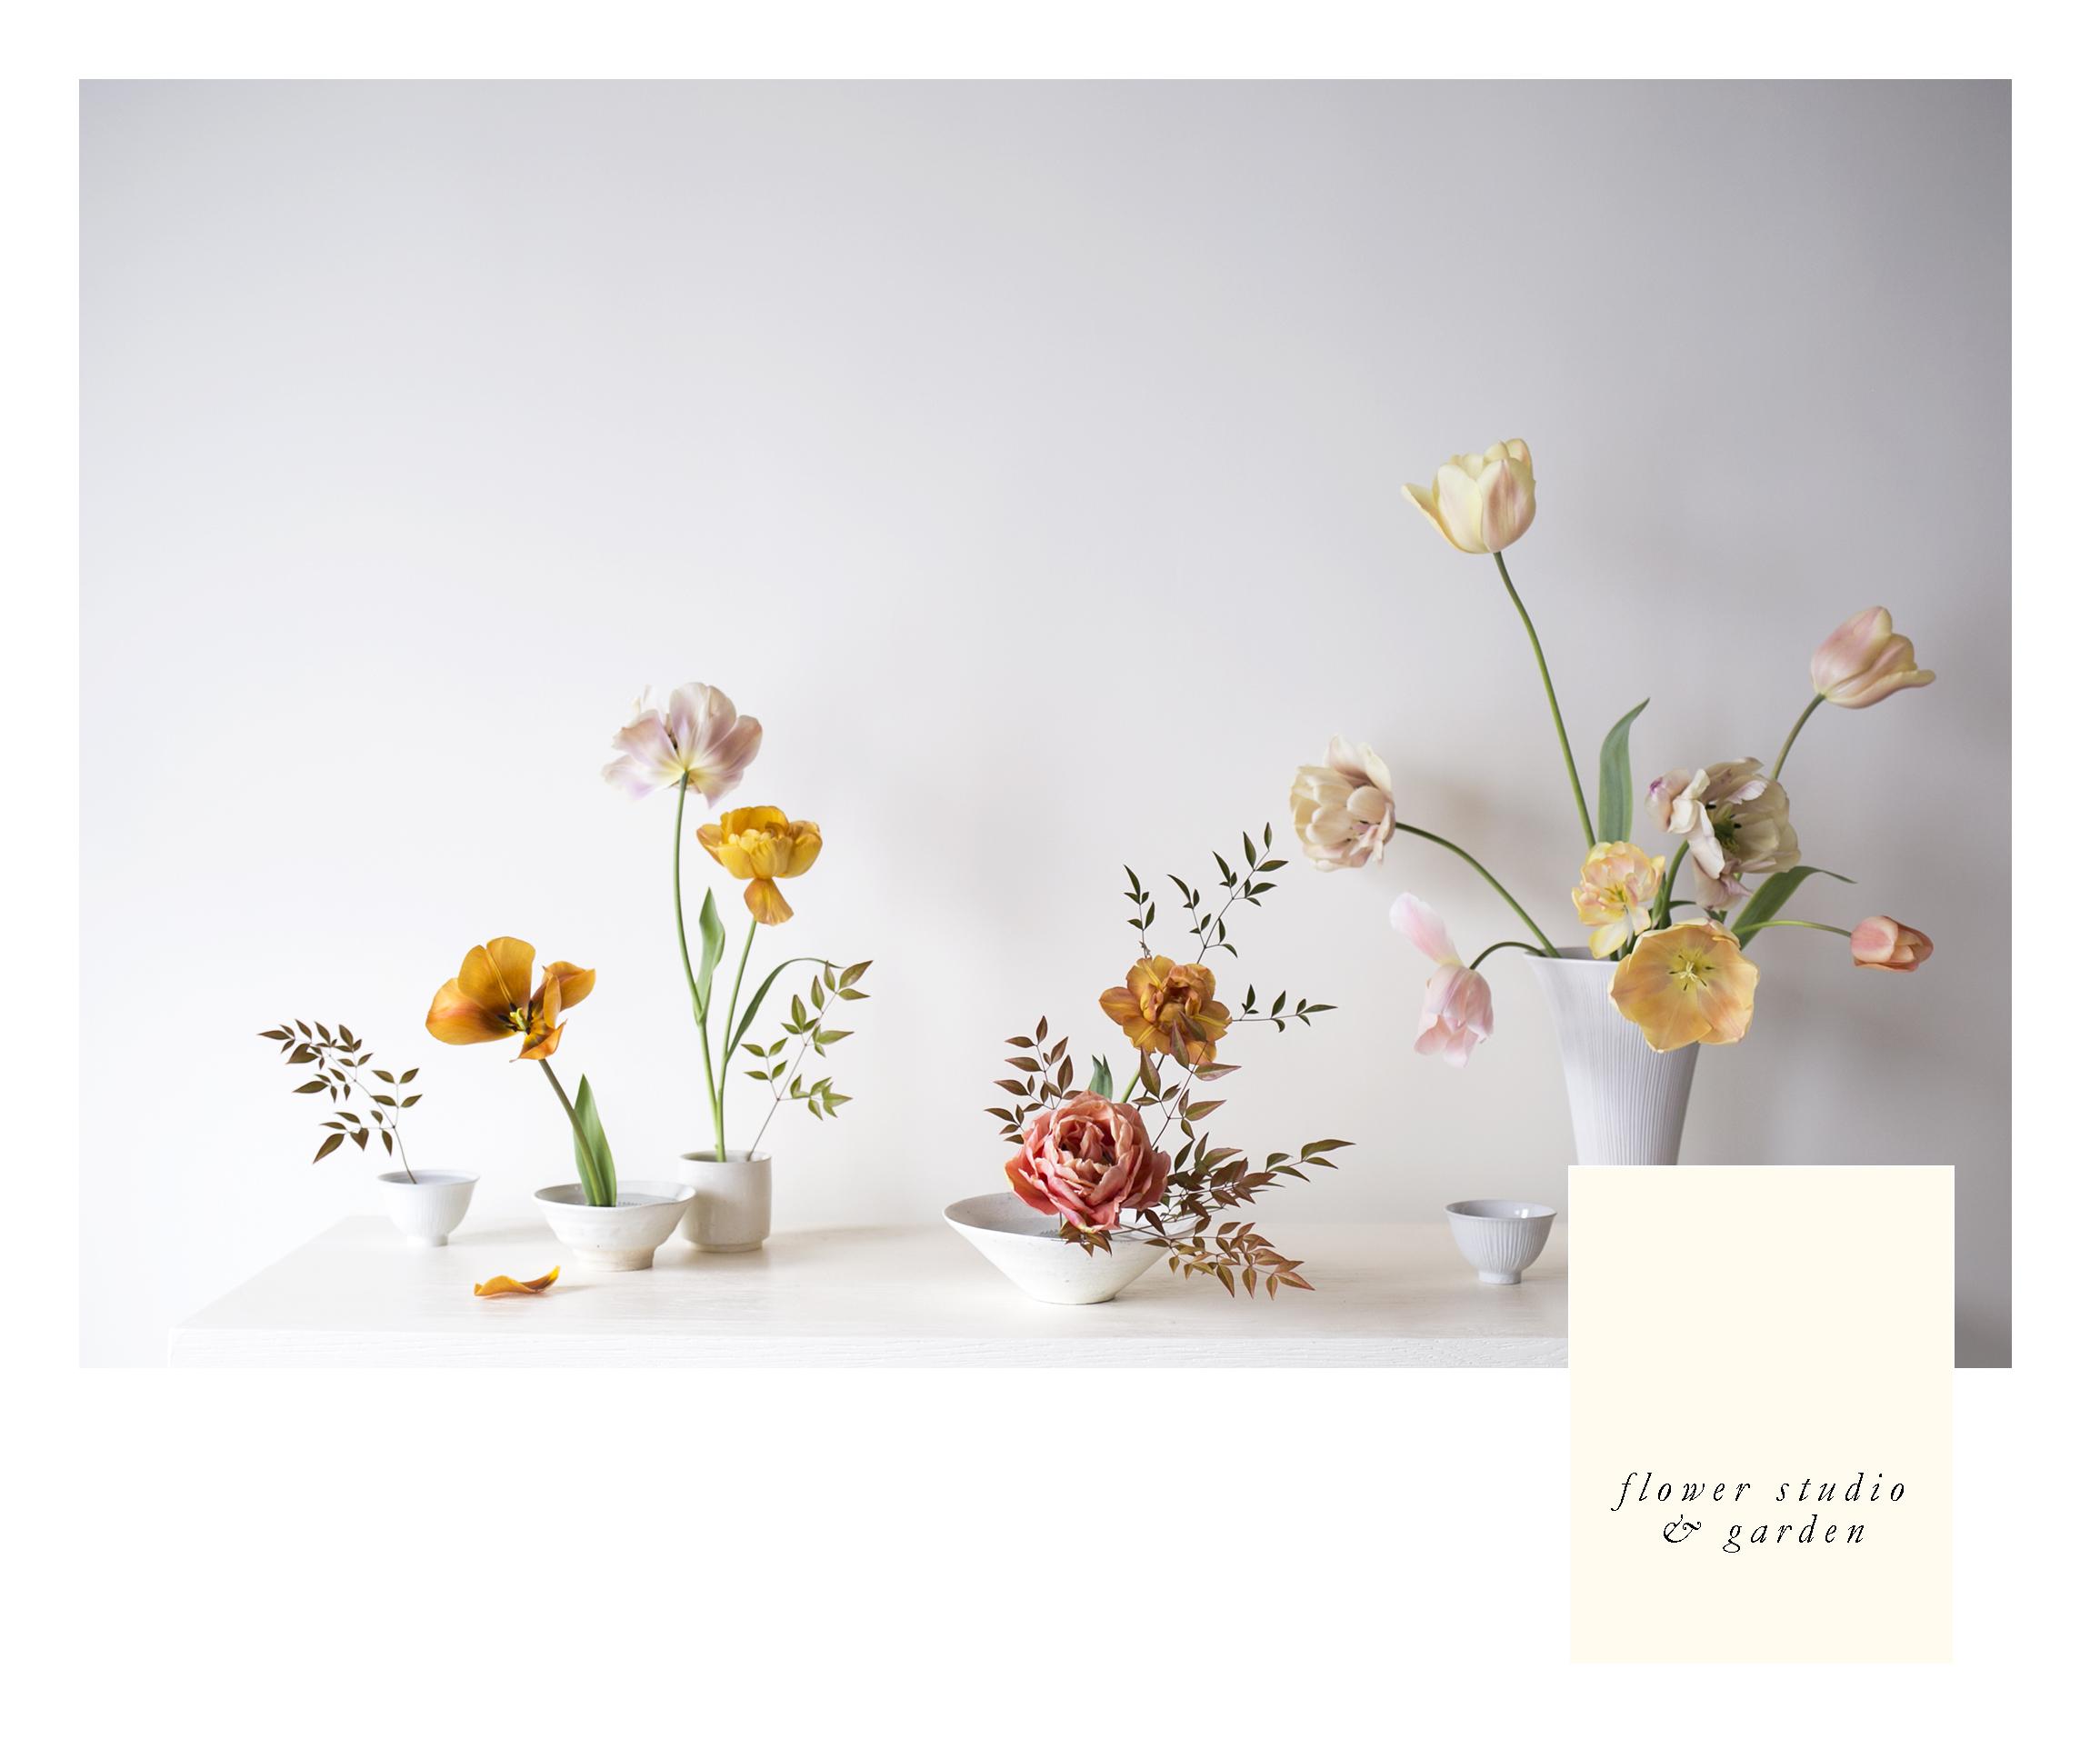 Aesme Flower Studio & Garden